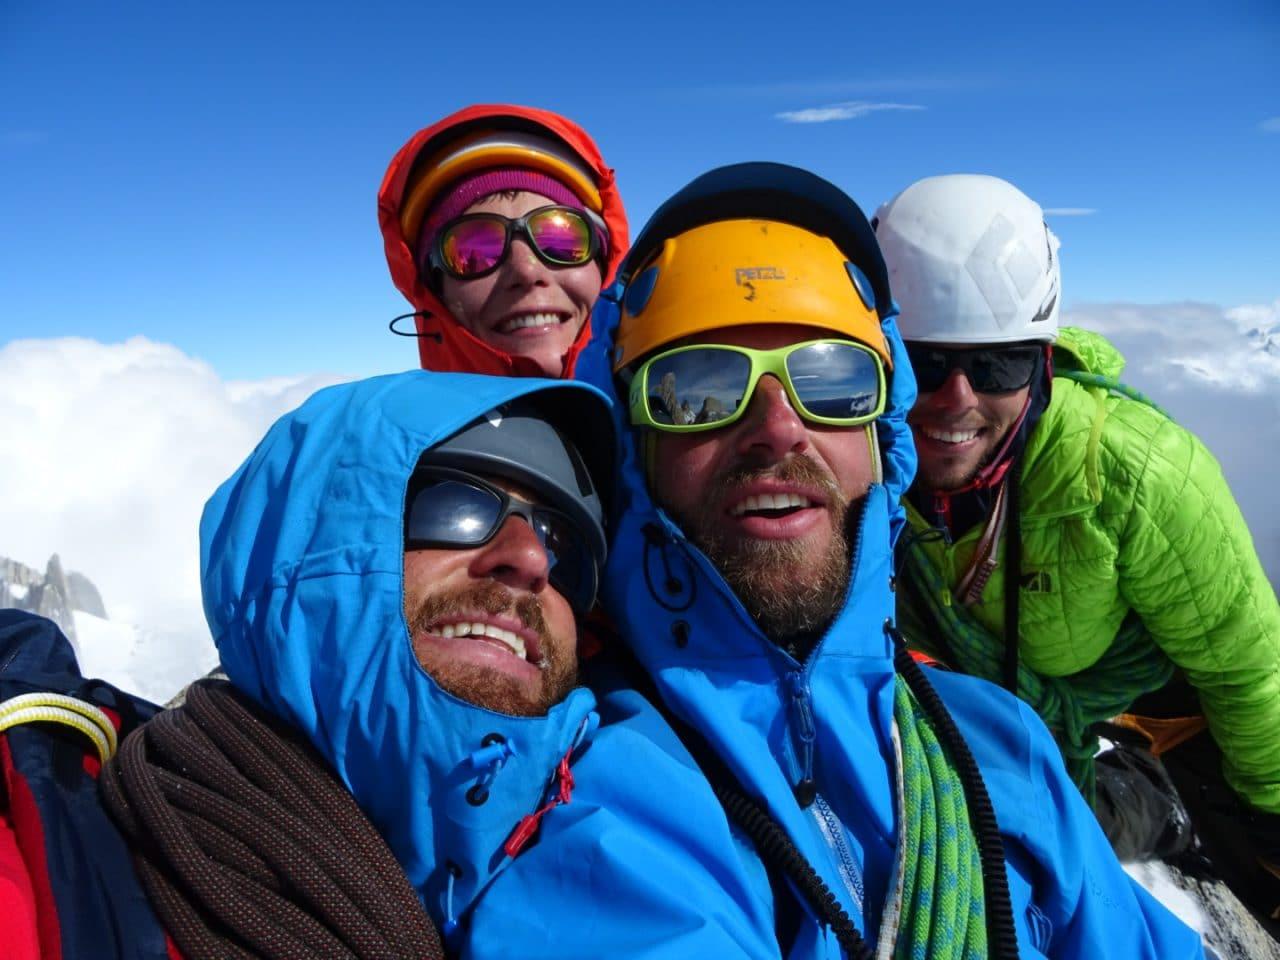 patagonie-argentine-voyage-helyum-yann-nussbaumer-7